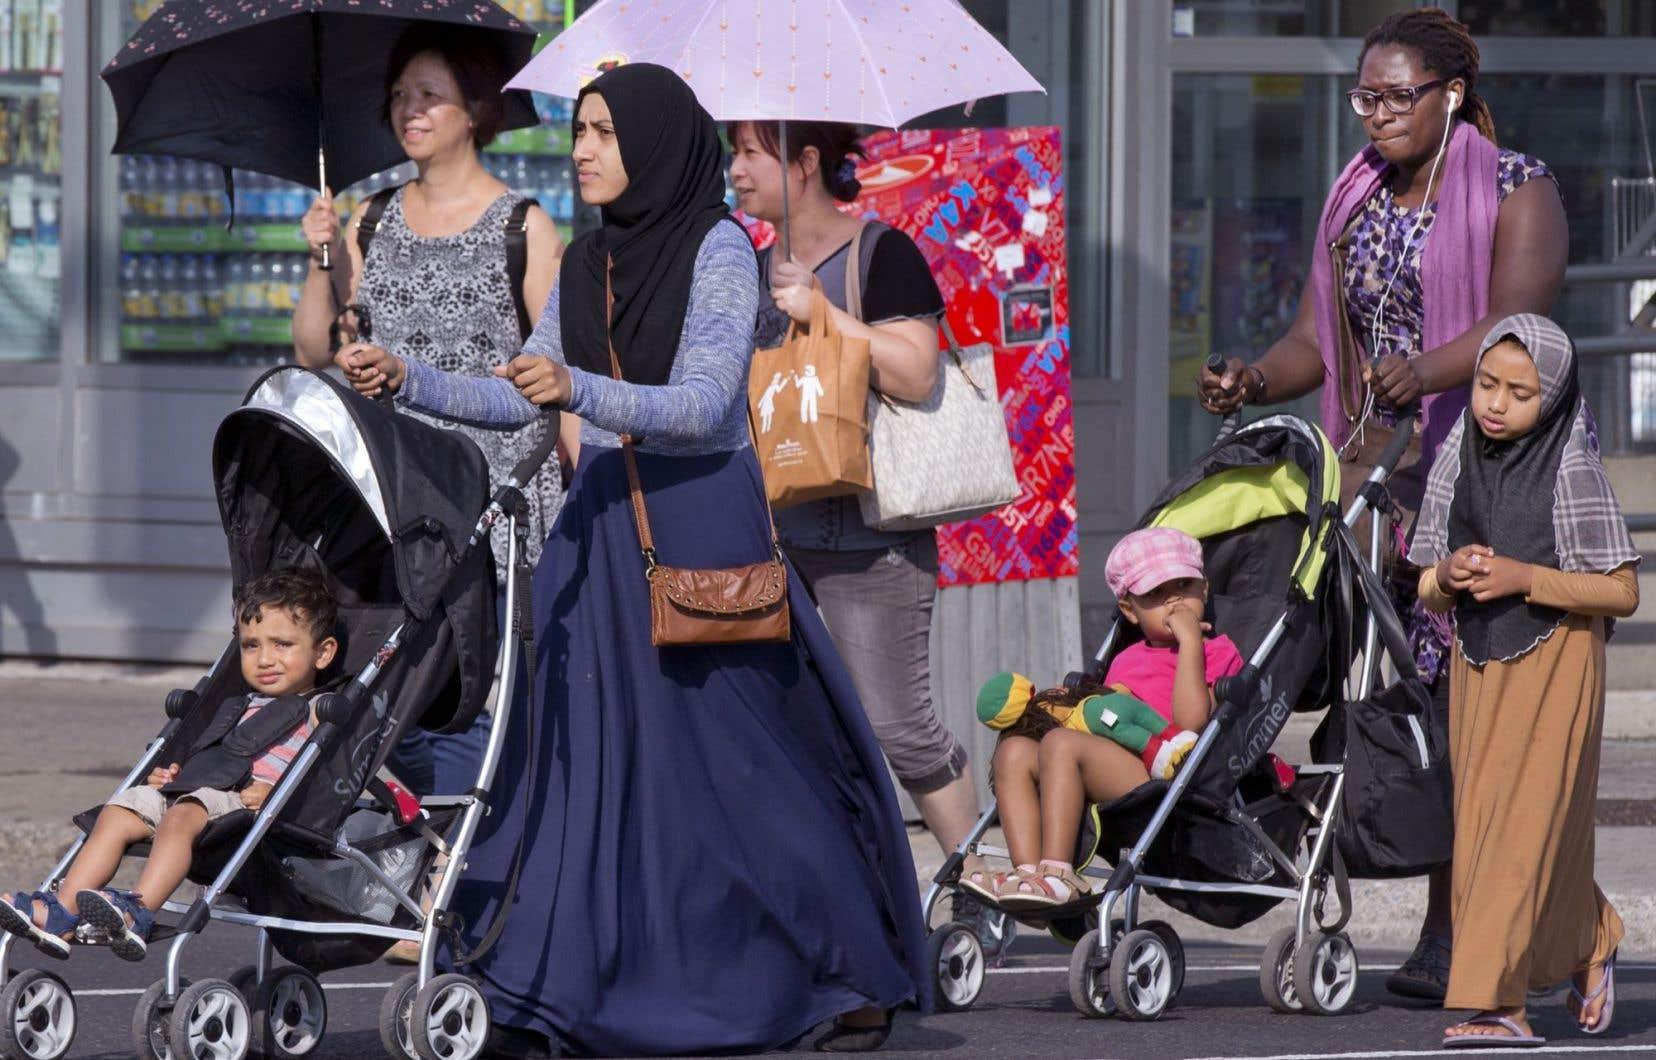 Le Québec arrive deuxième au Canada, derrière l'Ontario, quant à la part d'immigrants admis en 2015, soit 18 %.